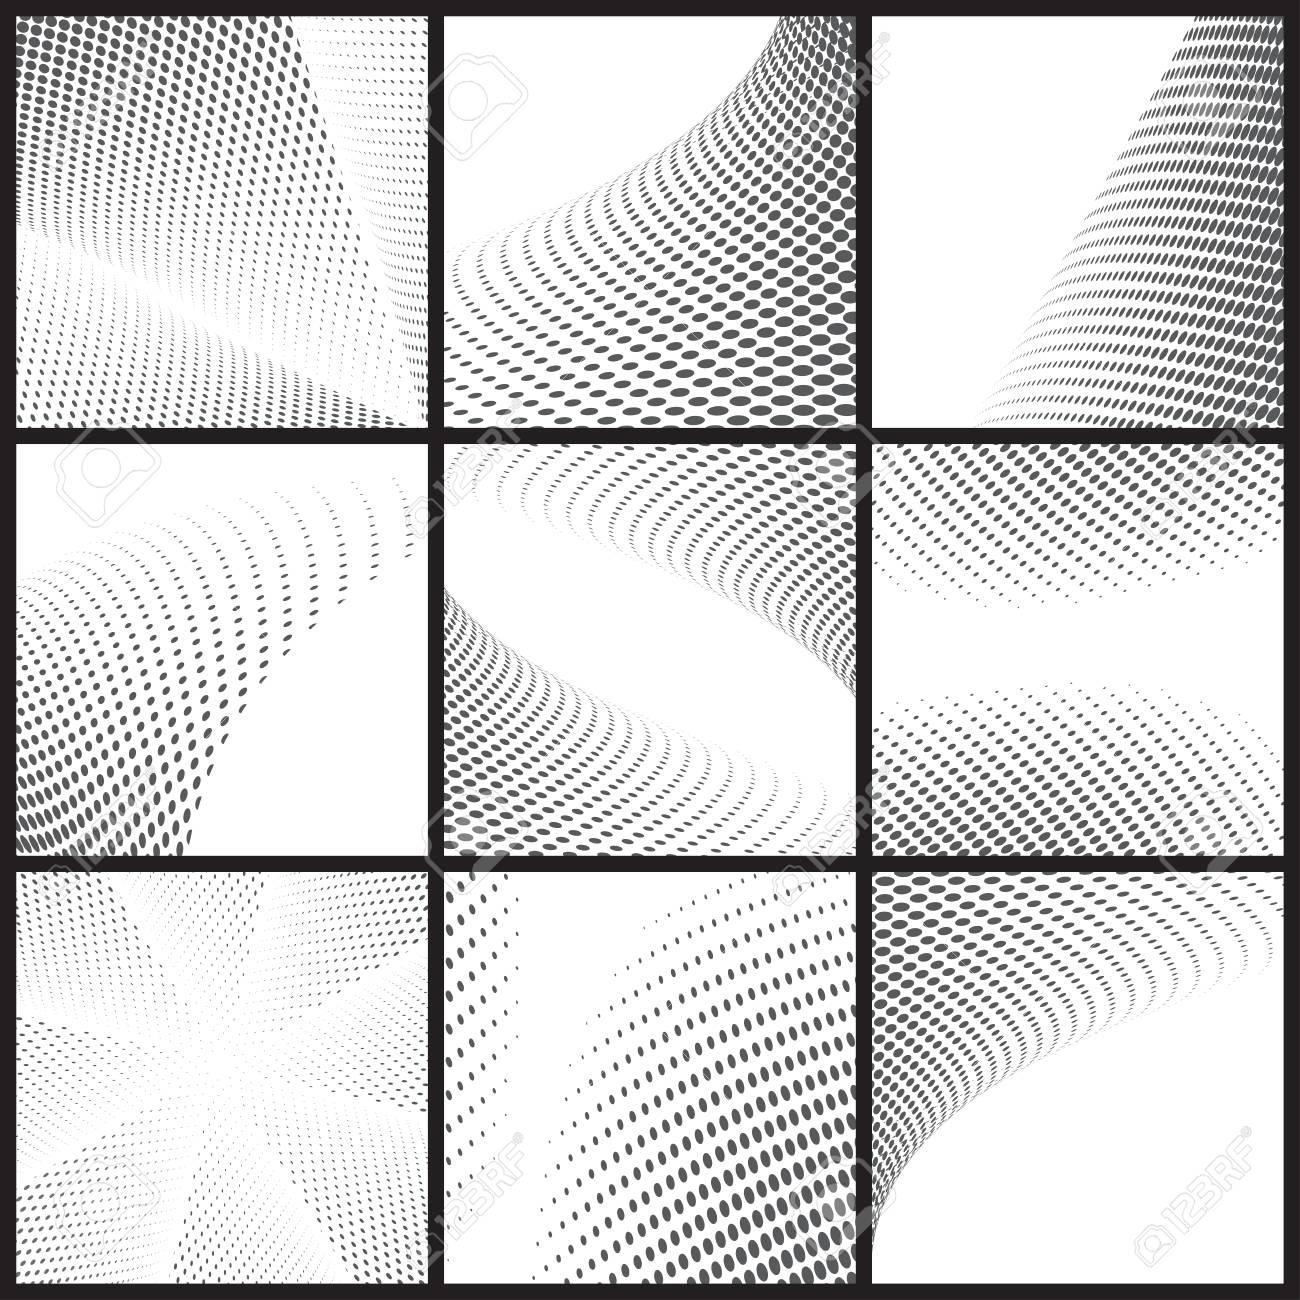 Schwarzer Punkt Halbton Hintergrund Kann Die Verwendung Für Muster ...